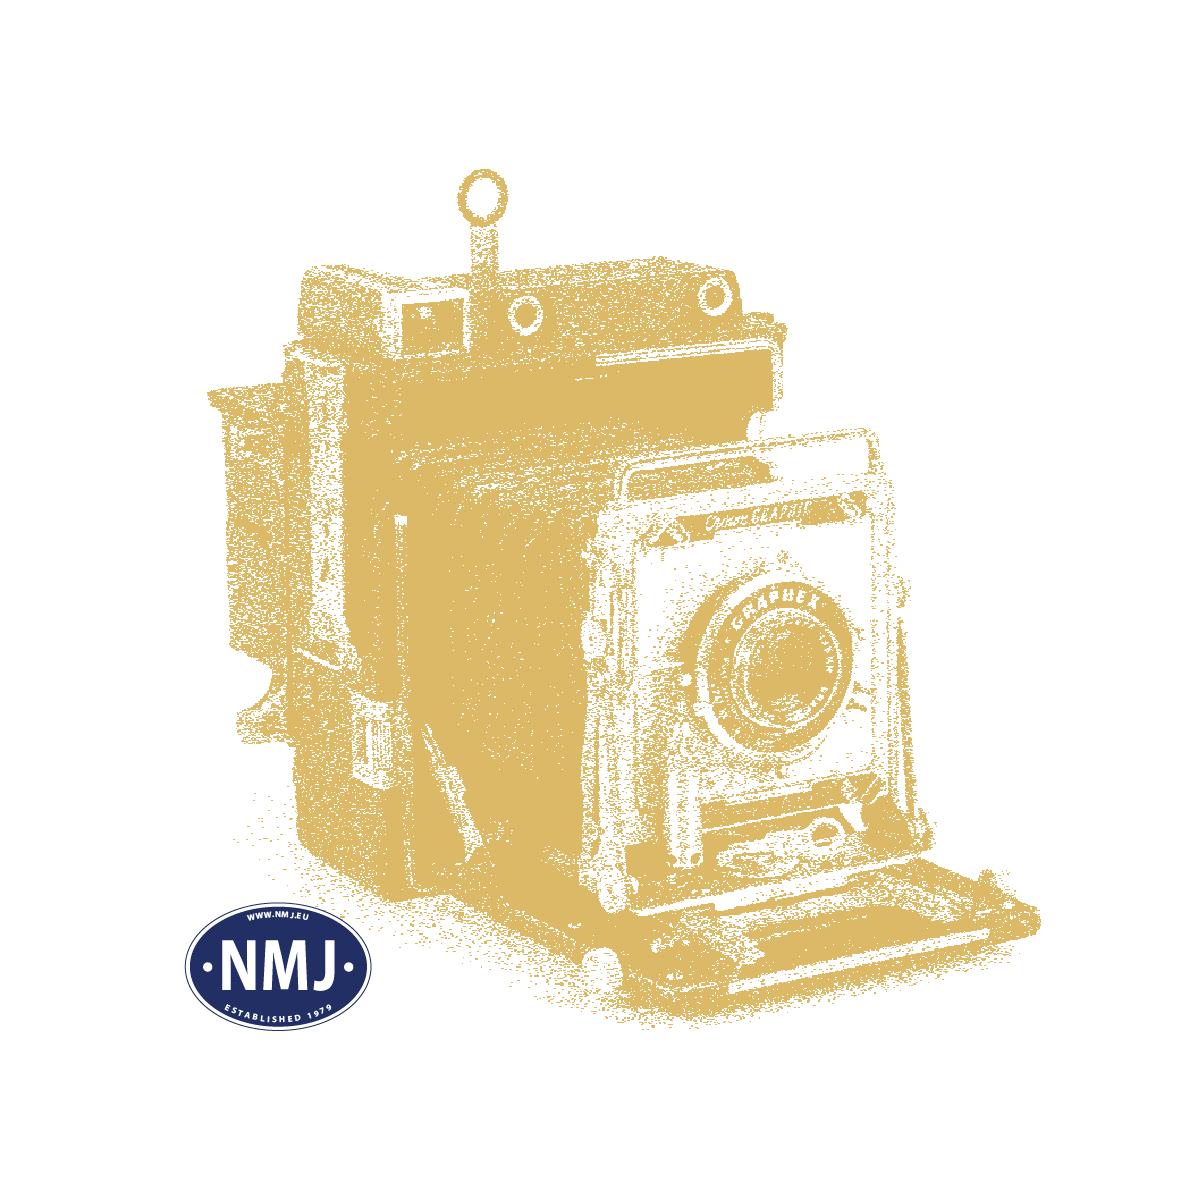 NMJT501.301 - NMJ Topline NSB Stakevogn Os 21 76 370 0 399-7 m/ Rørlast